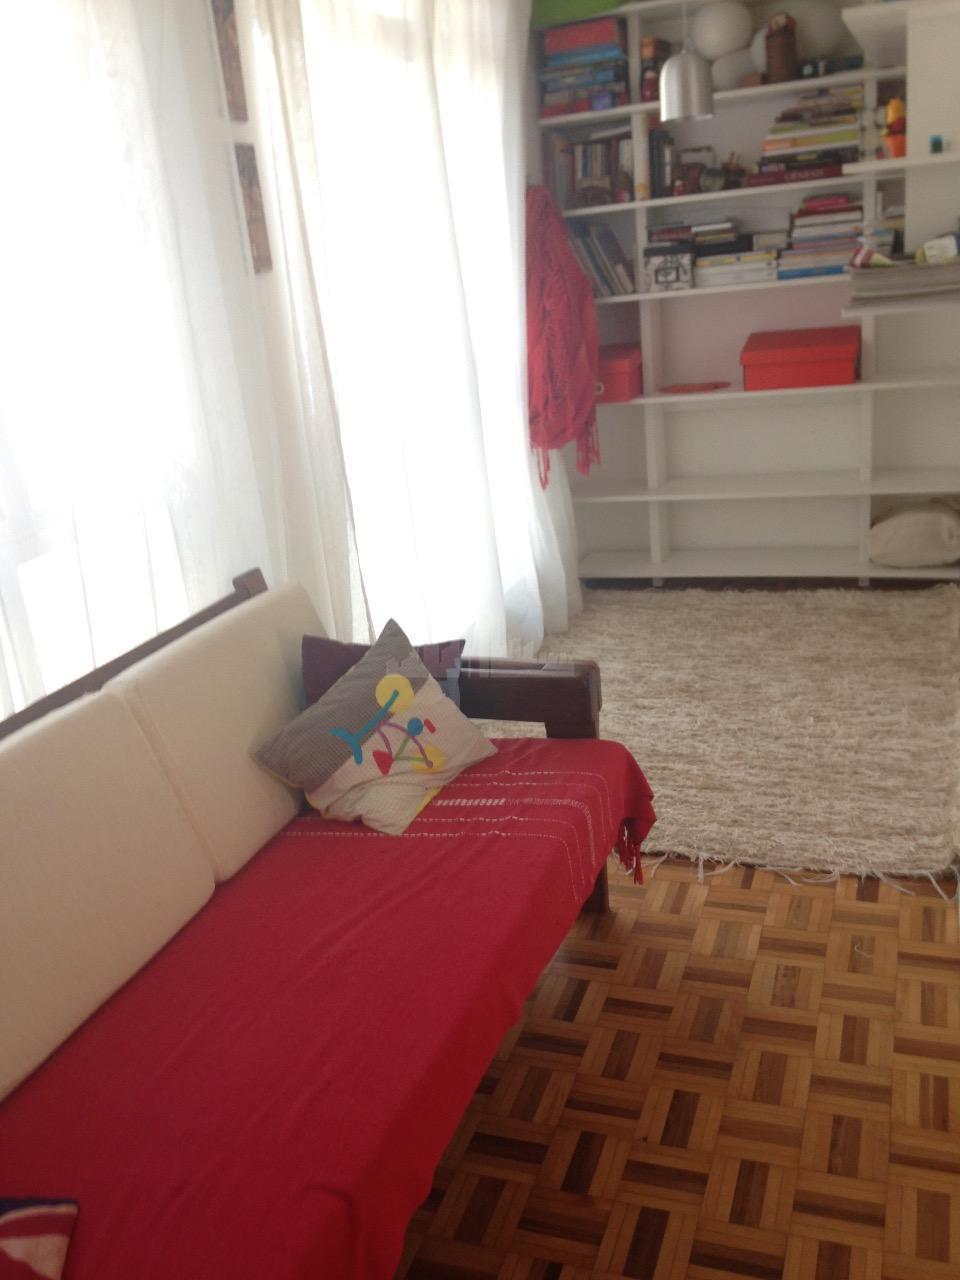 apartamento em pinheiros com 93 m² de área, sala, terraço, 2 dormitórios, banheiro, cozinha, área de...